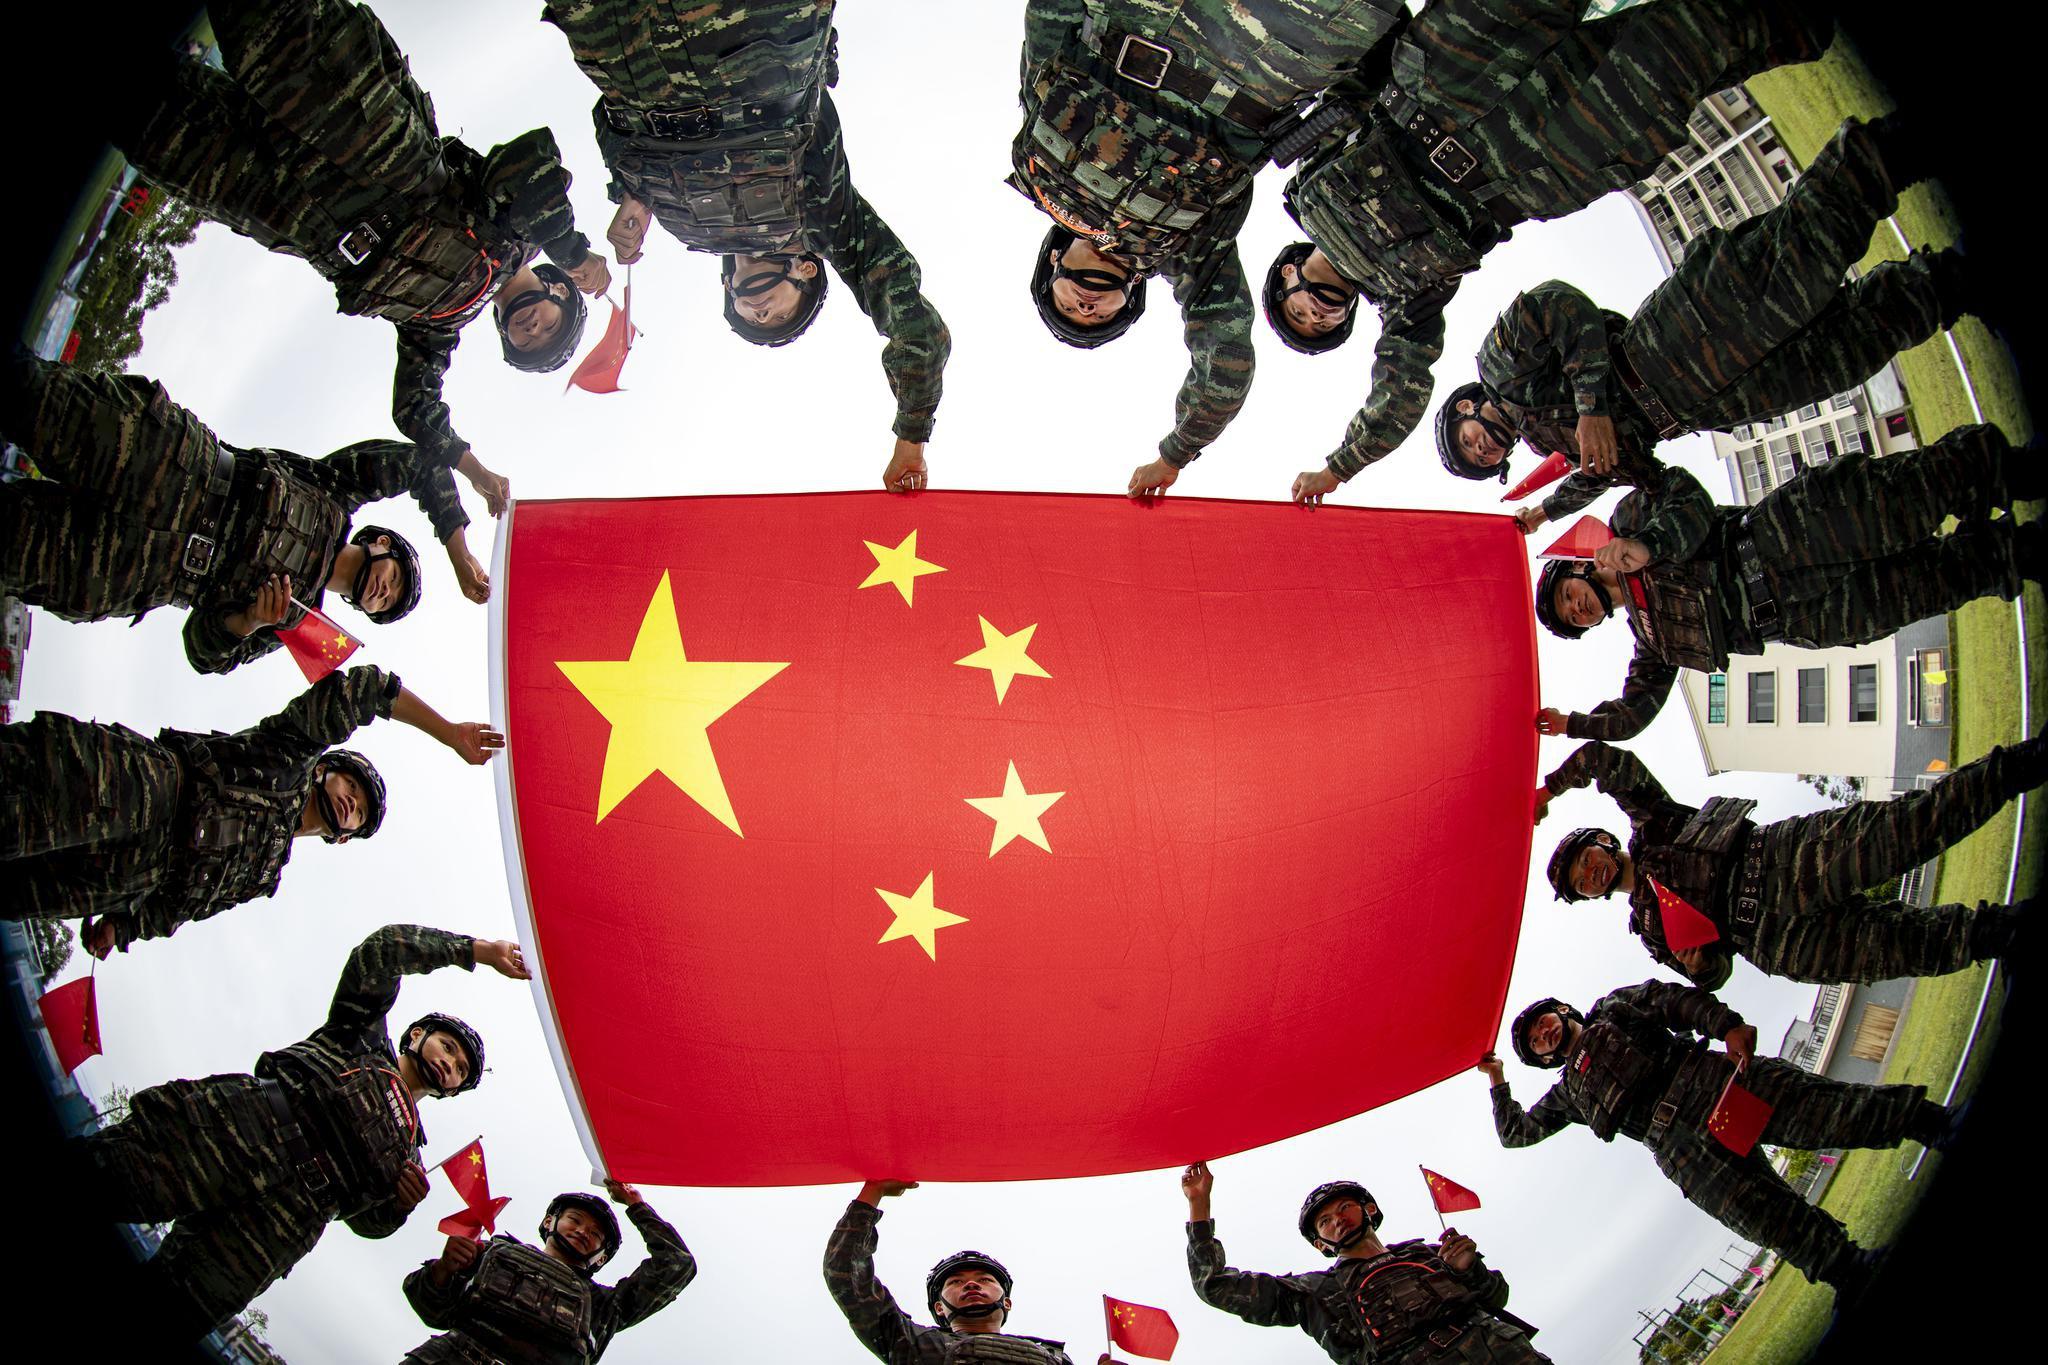 武警广西总队钦州支队:用青春热血向祖国表白图片